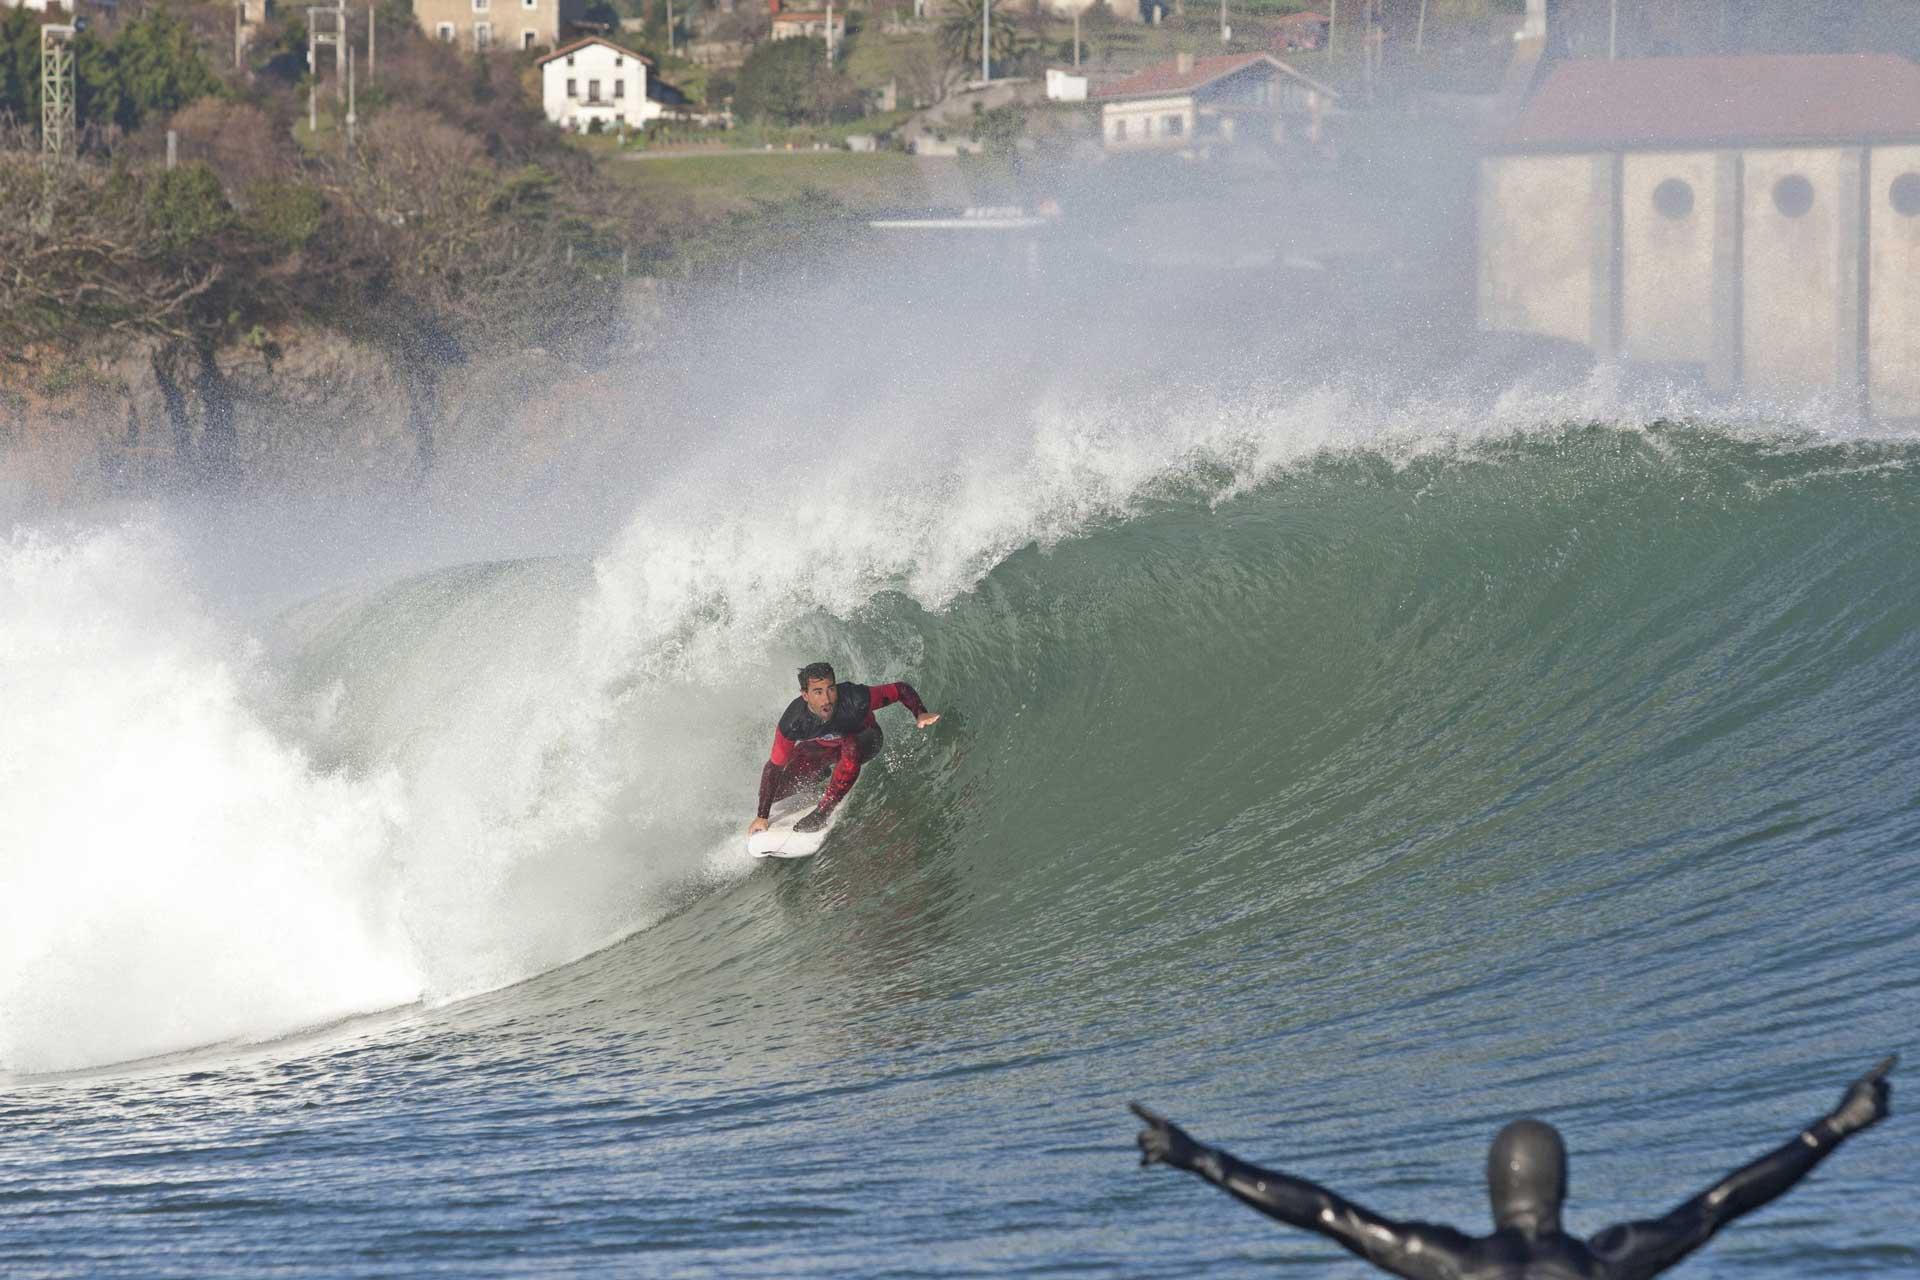 Aritz Aranburu in voller Action, während der jubelnde Zuschauer im Vordergrund Rückschlüsse auf die Wassertemperatur zulässt.